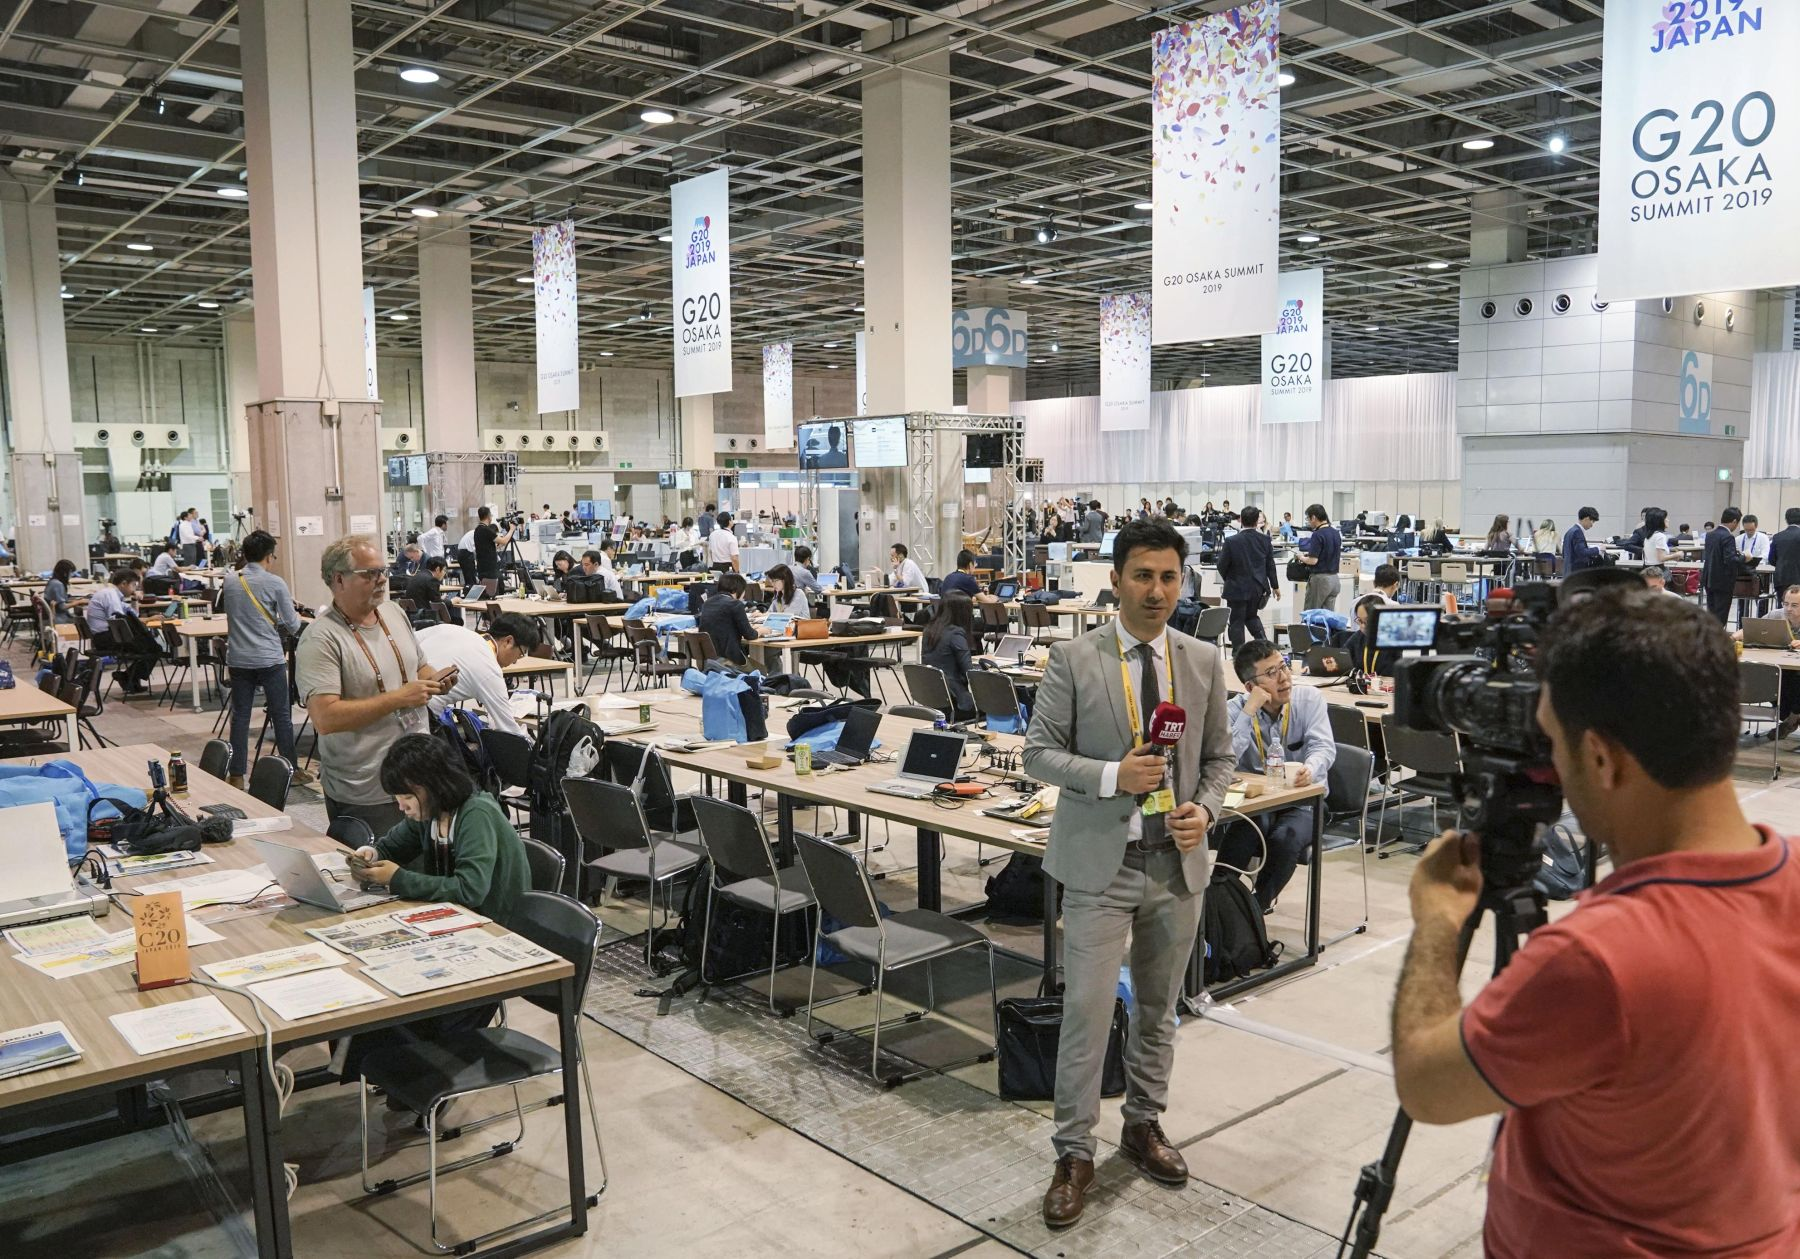 Japan Osaka Pre G20 Summit 019